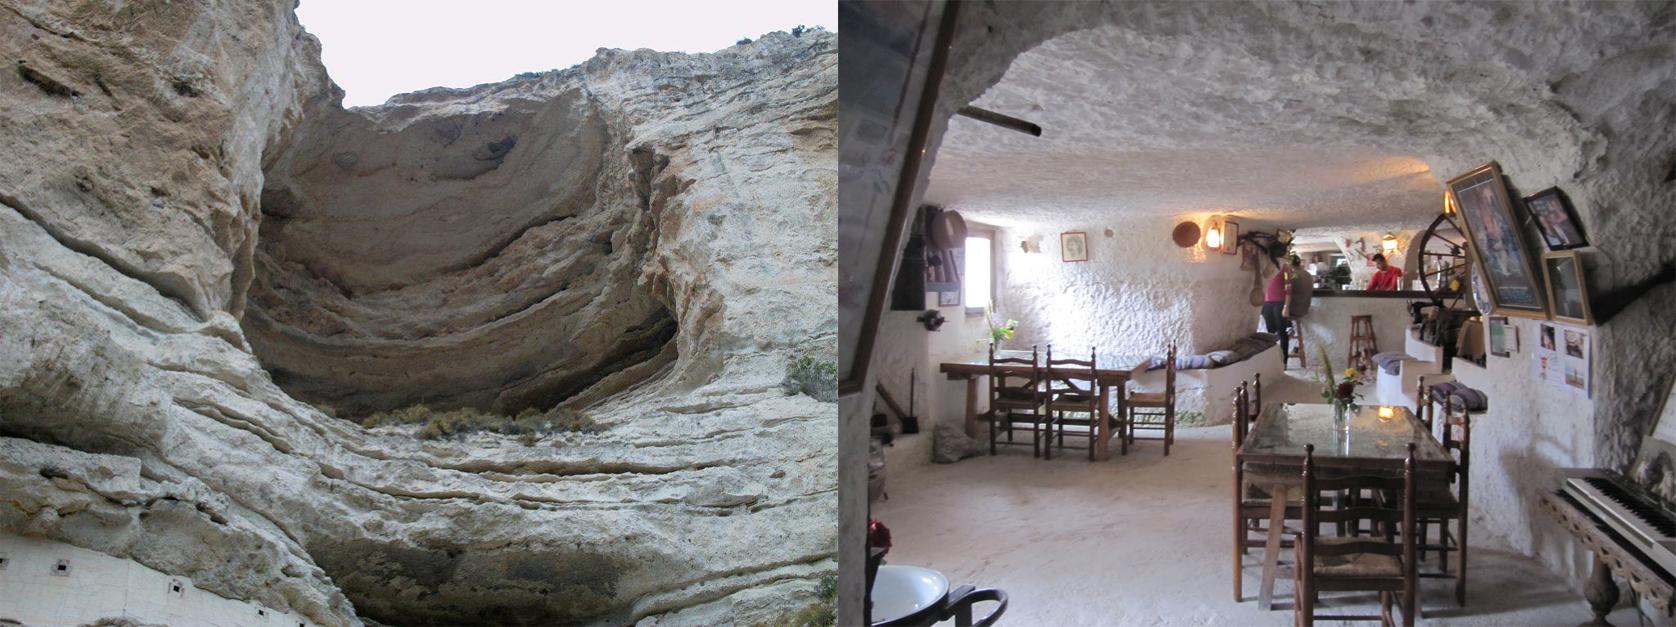 Cueva Alcala del Jucar Alcalá del Júcar: ¿por dónde empezar? Su naturaleza